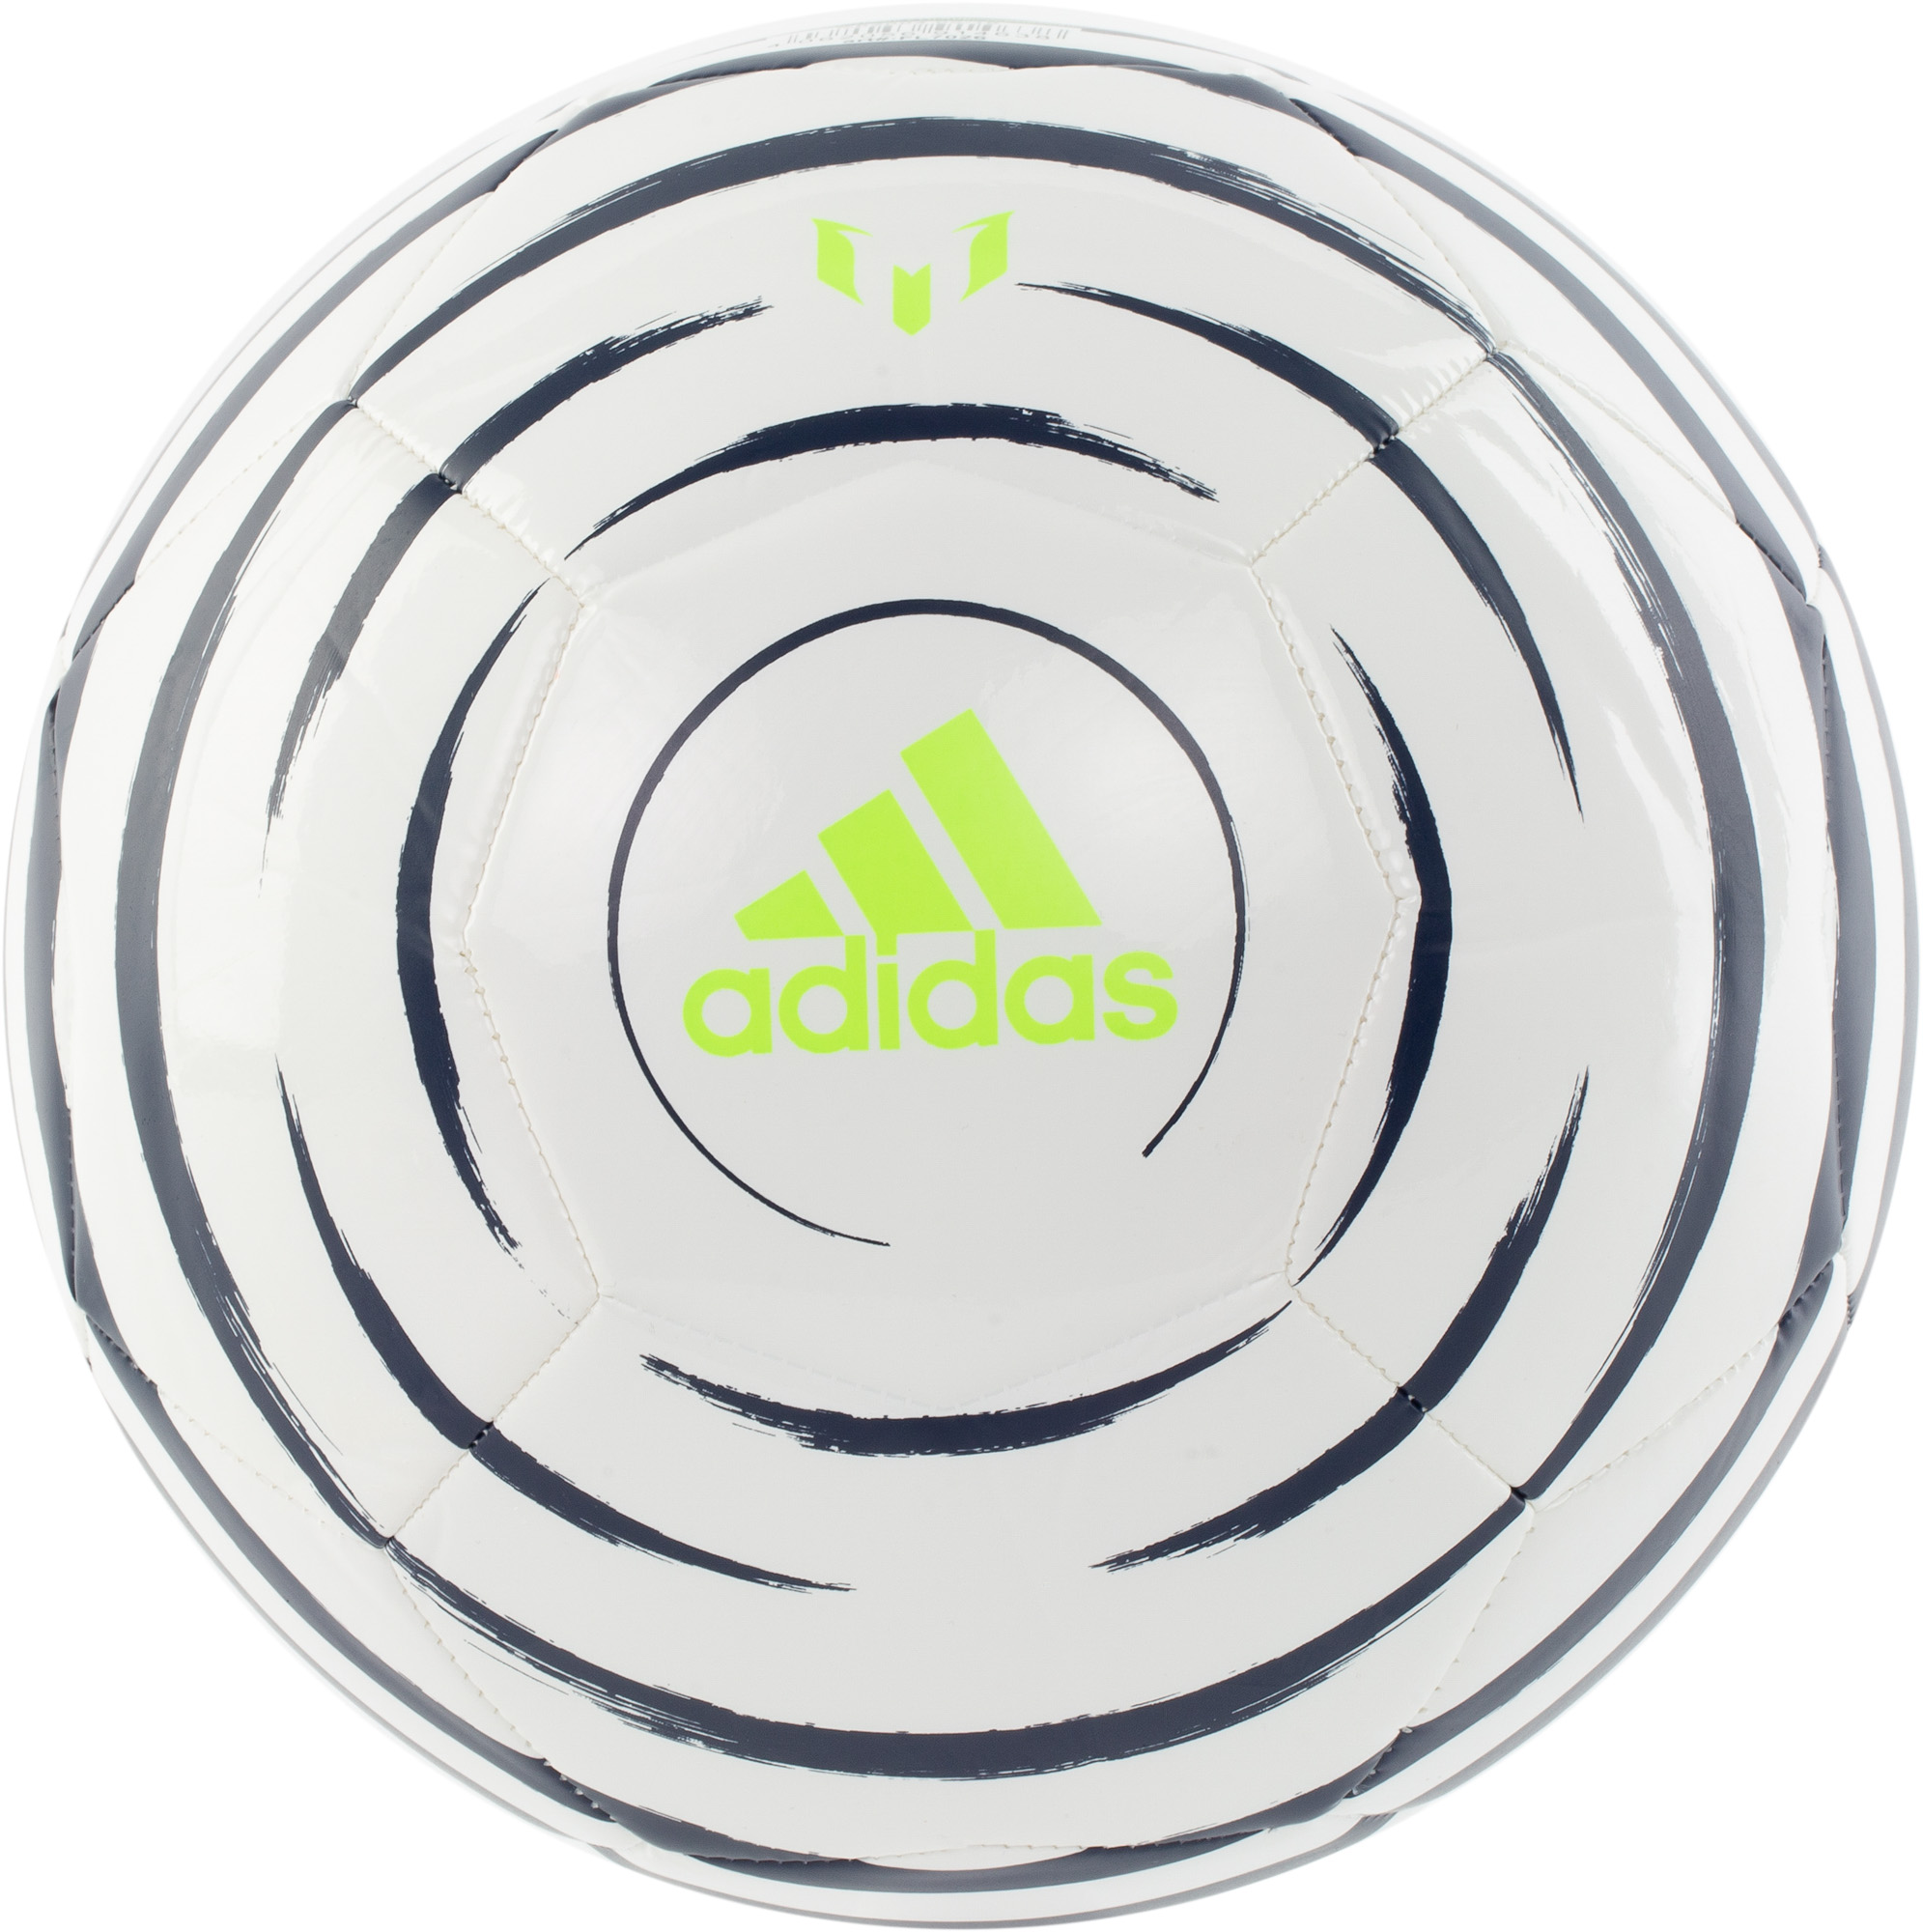 Adidas Мяч футбольный Adidas Messi Club цена